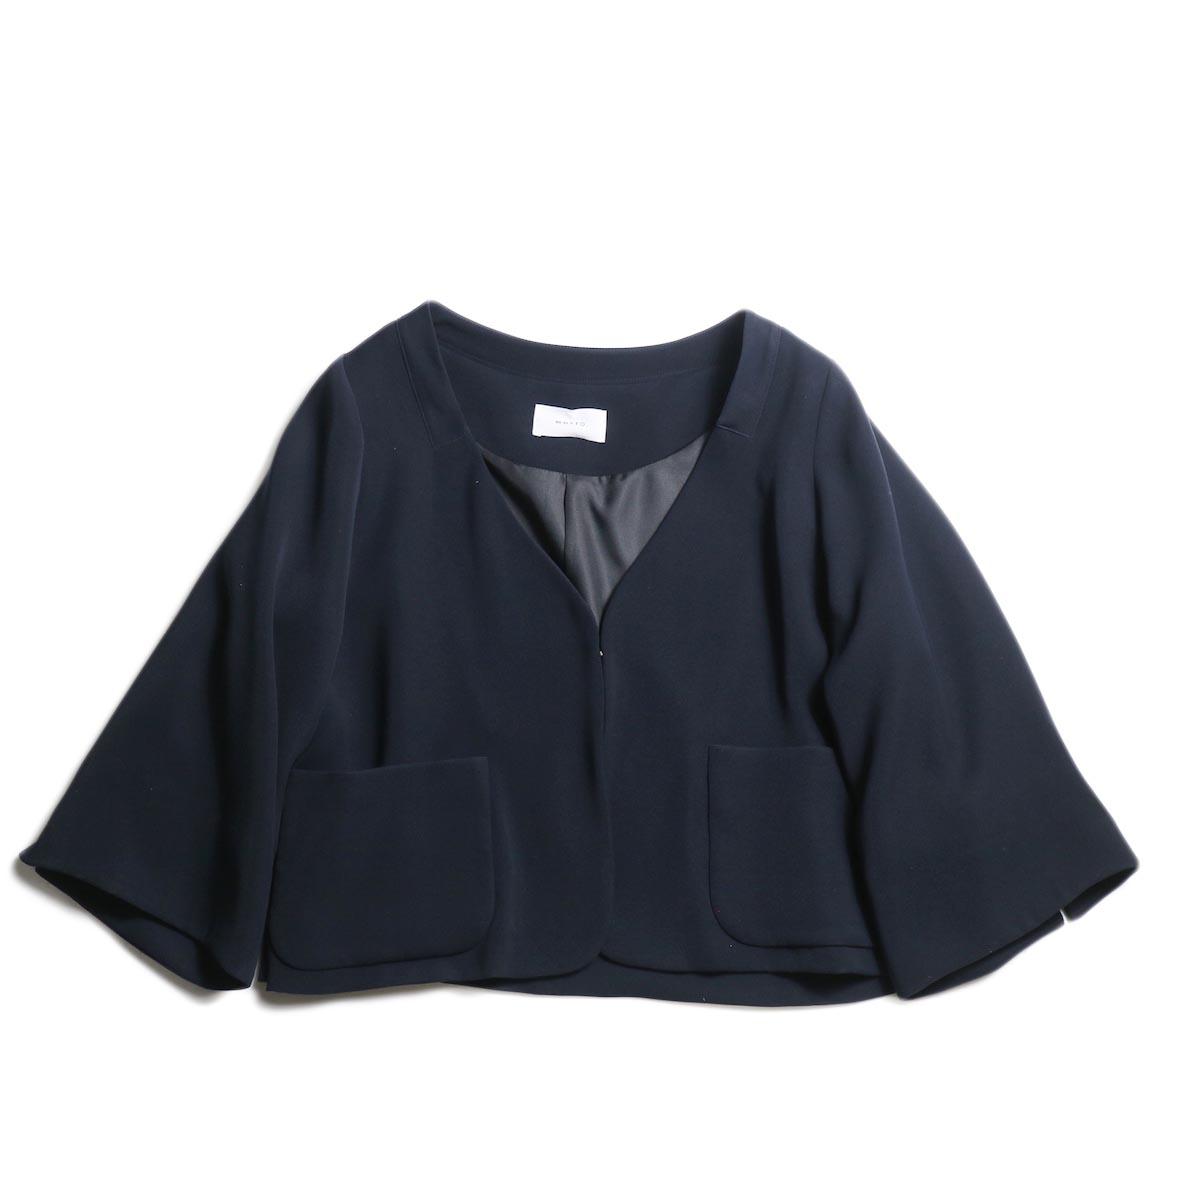 WHYTO. / Double Cloth Satin Short Jacket (Navy)